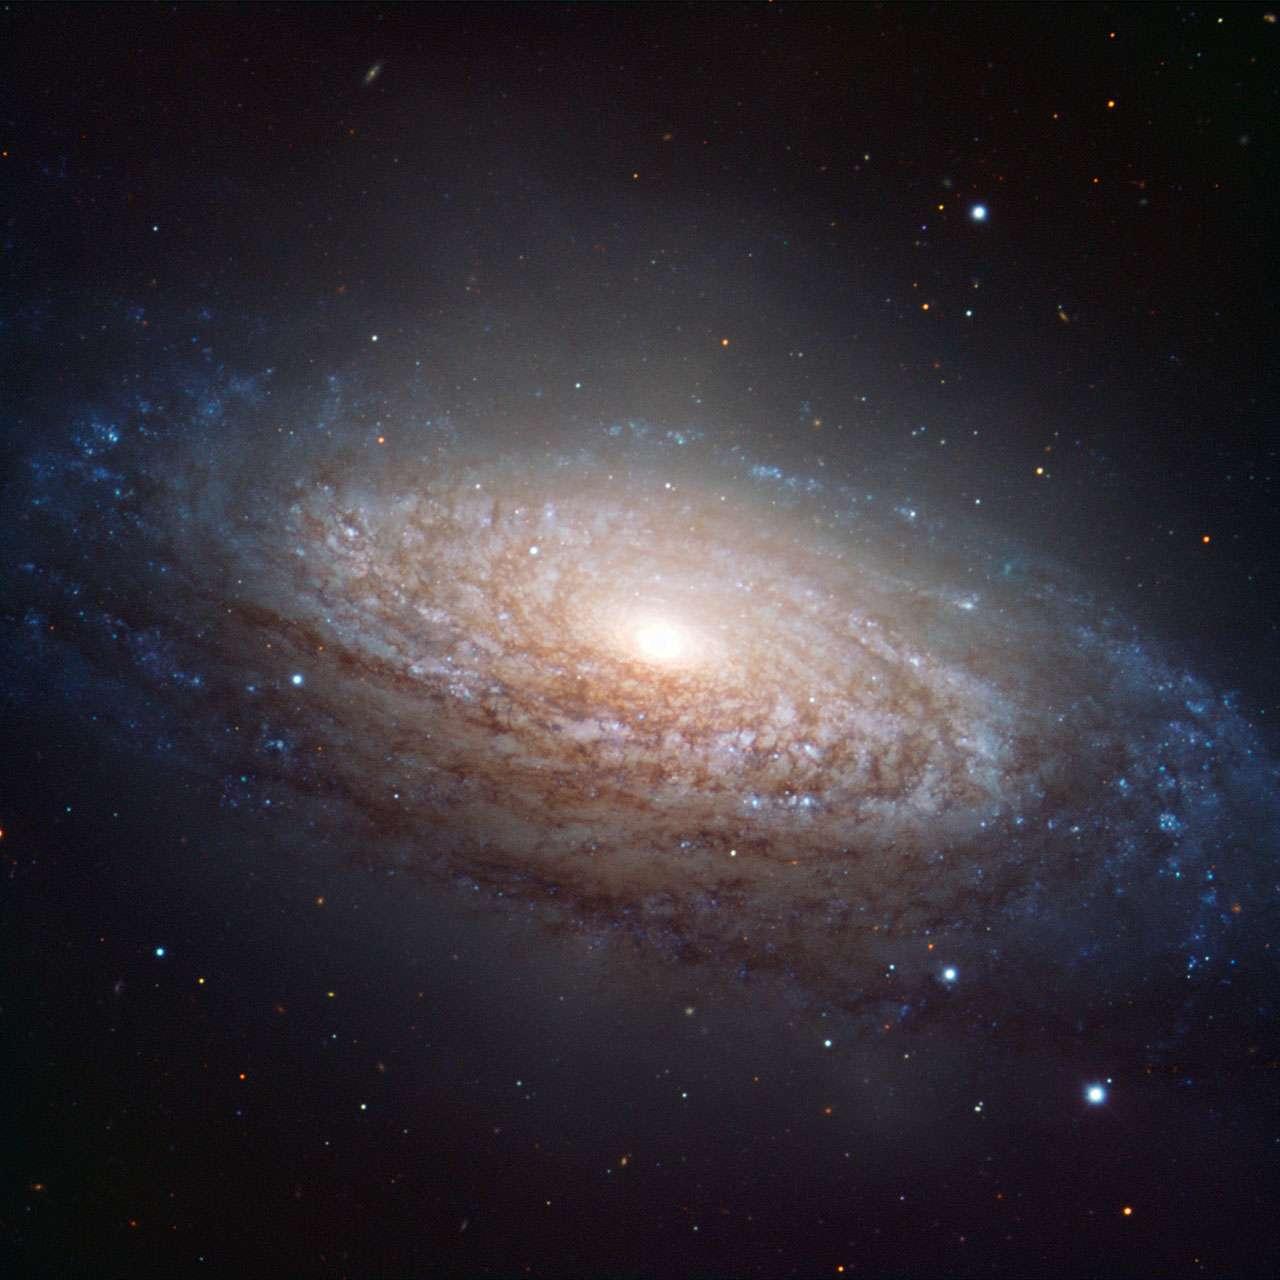 NGC 3521, la galaxie floconneuse de la constellation du Lion. © ESO/O. Maliy